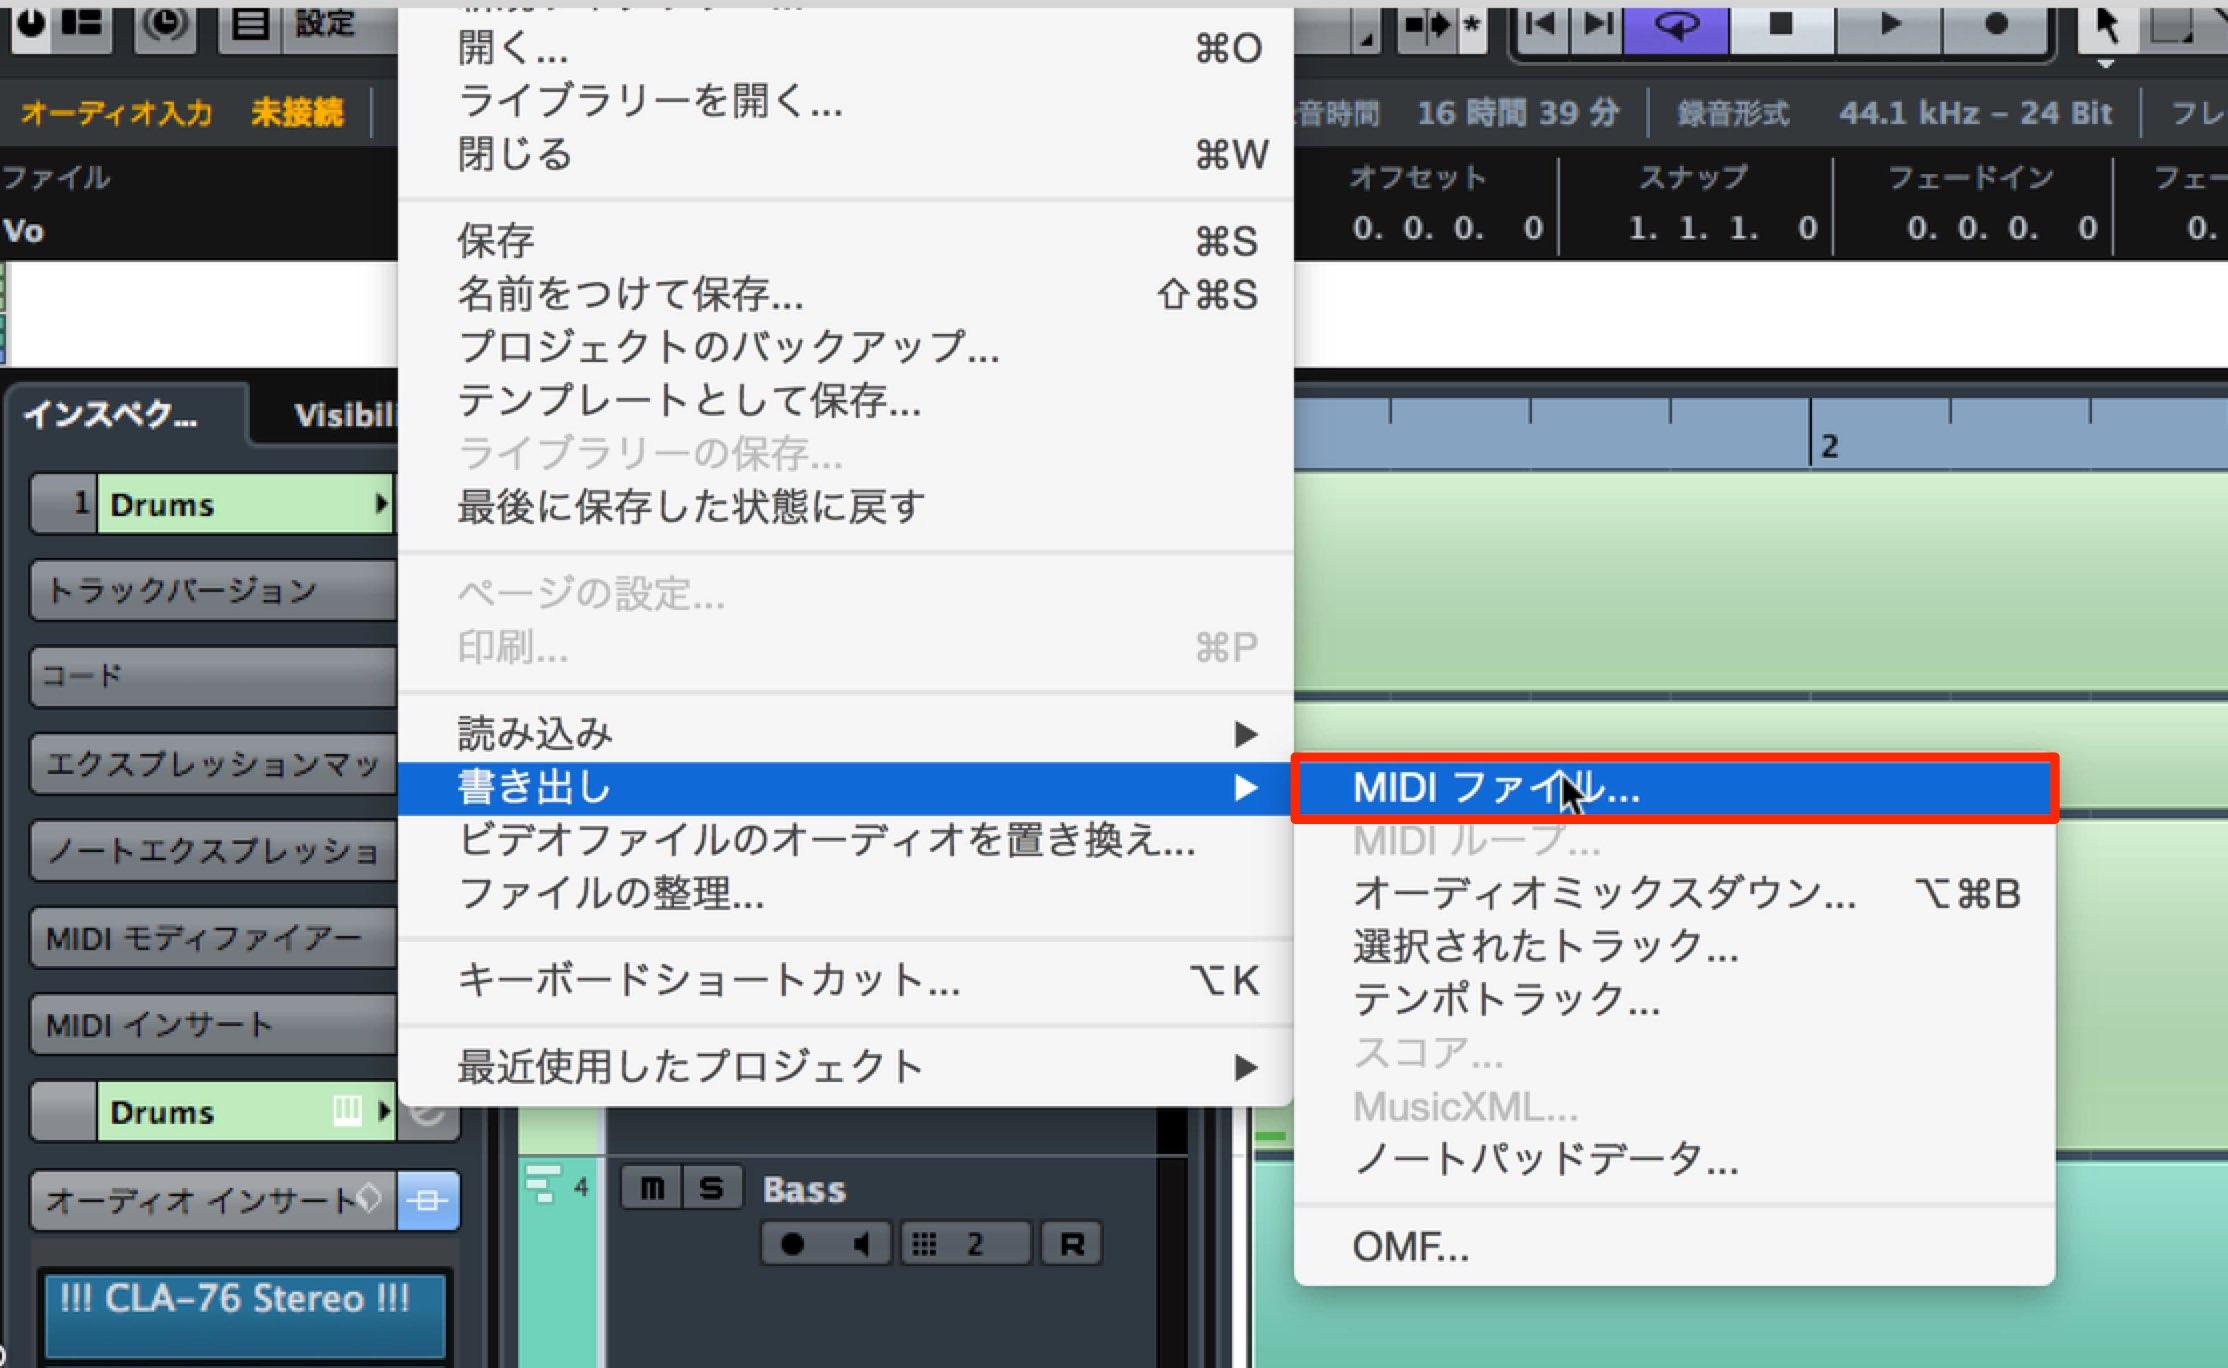 MIDIファイル